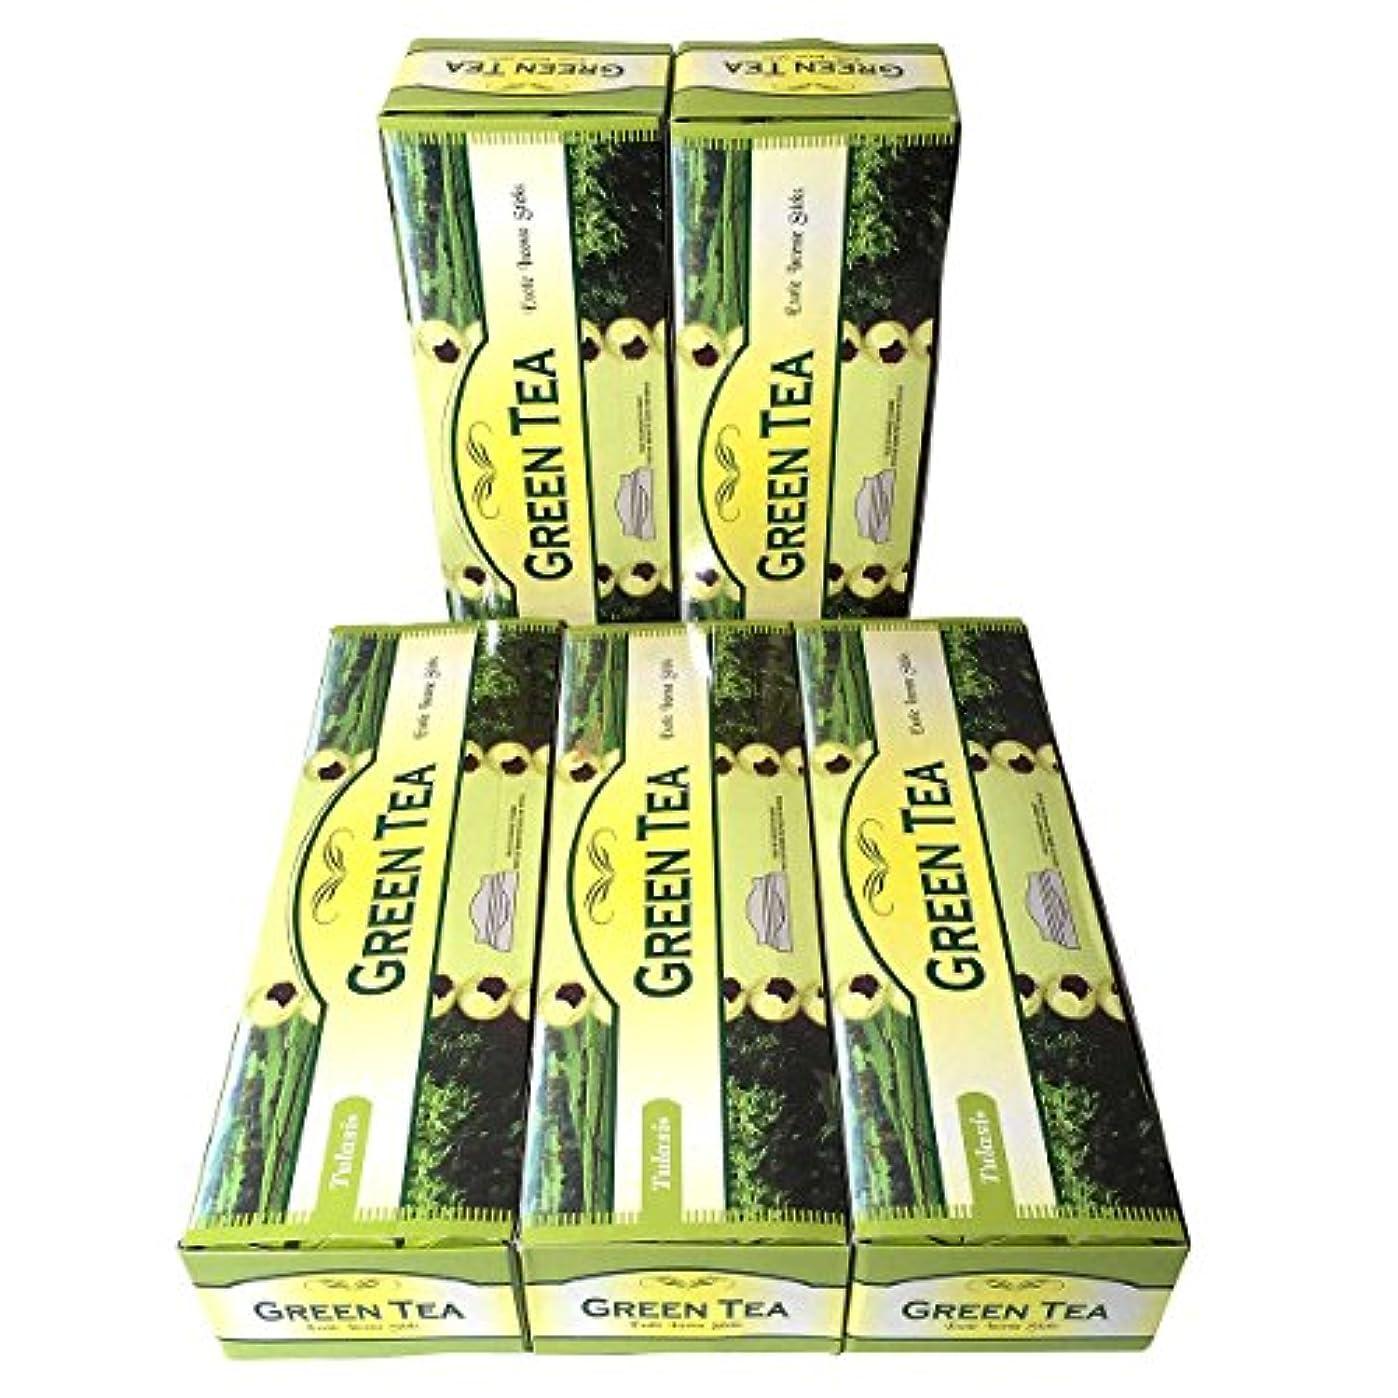 限られた時期尚早冷淡なグリーンティー香スティック 5BOX(30箱)/TULASI GREEN TEA/ インド香 / 送料無料 [並行輸入品]